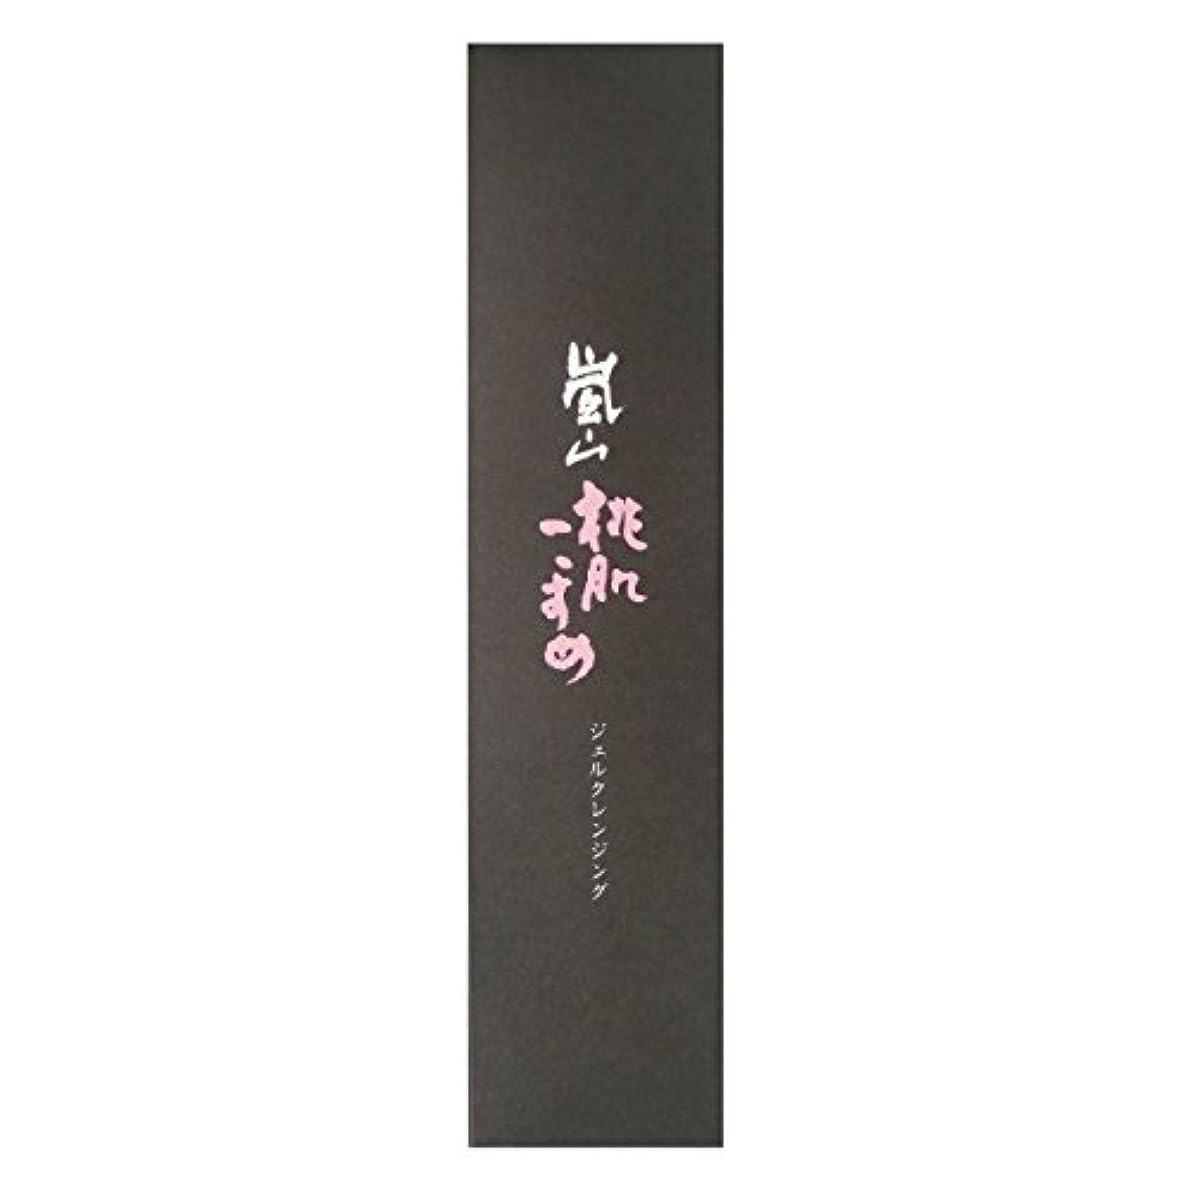 舗装ニックネーム松の木メリードア 嵐山桃肌こすめクレンジングジェル 200ML